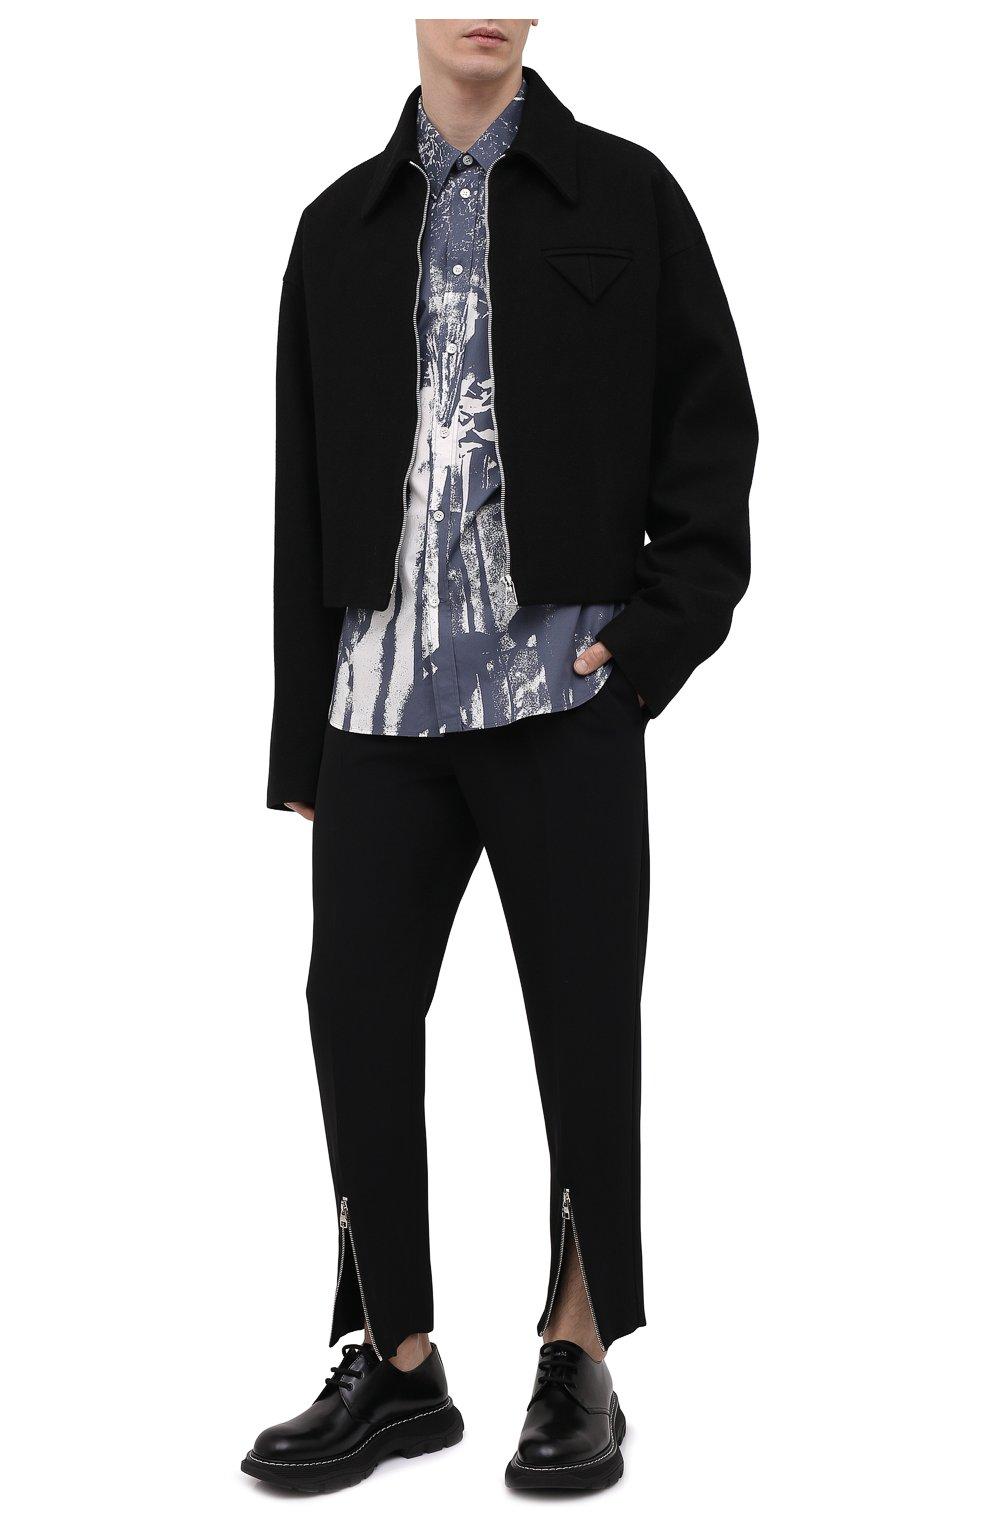 Мужские брюки из вискозы ALEXANDER MCQUEEN черного цвета, арт. 619171/QQR38   Фото 2 (Длина (брюки, джинсы): Стандартные; Случай: Повседневный; Стили: Панк; Материал внешний: Вискоза)